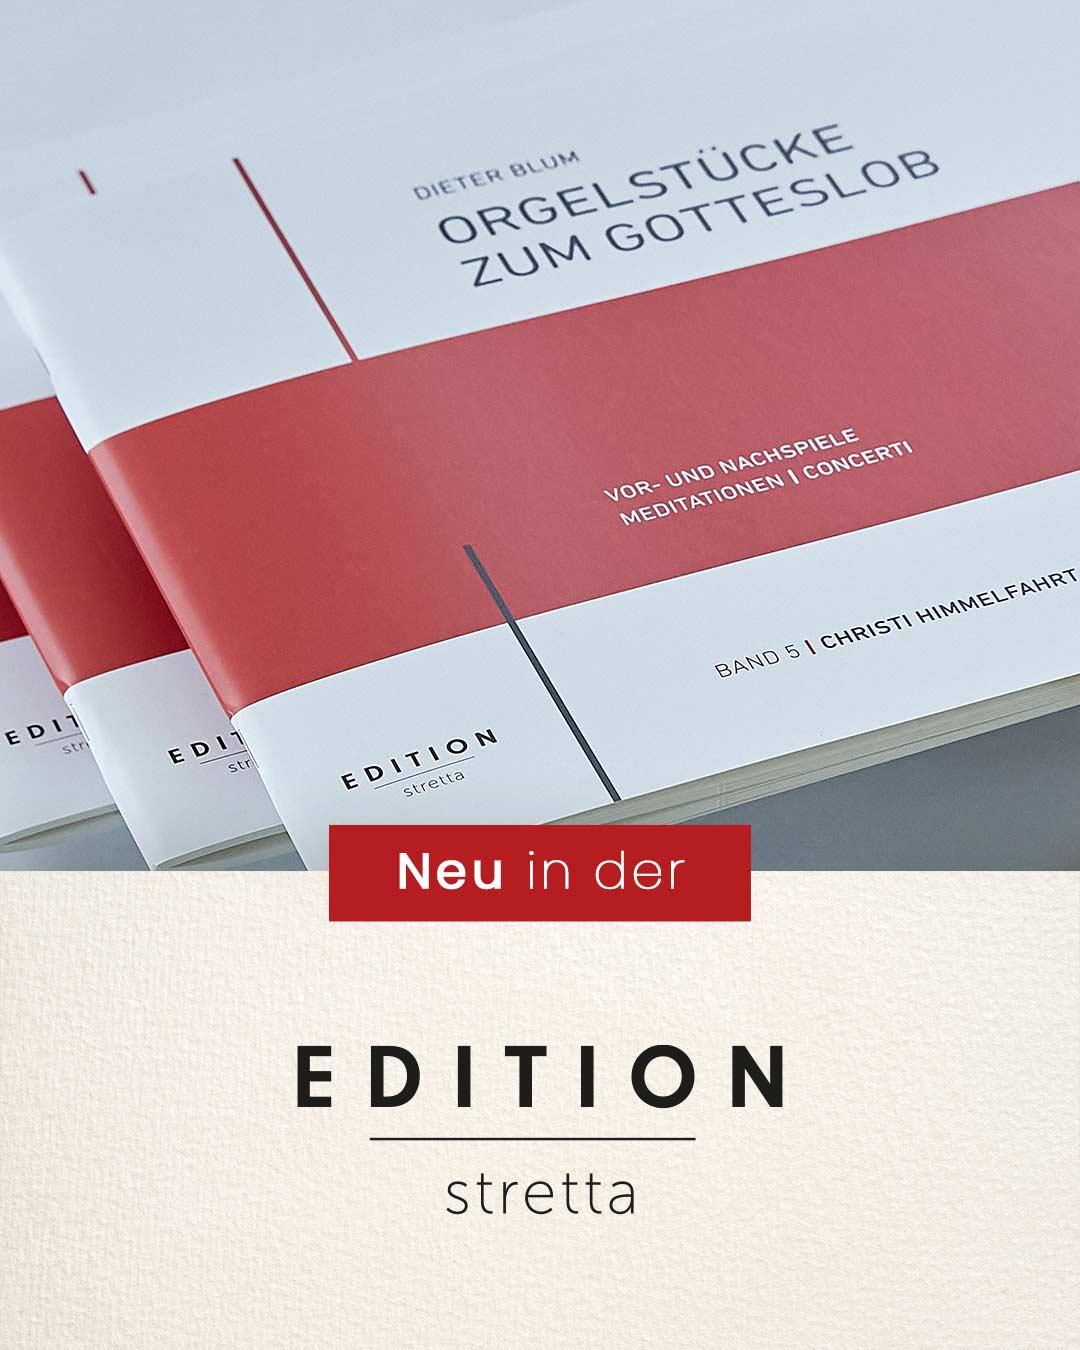 Orgelstücke zum Gotteslob 5 | Christi Himmelfahrt | Pfingsten